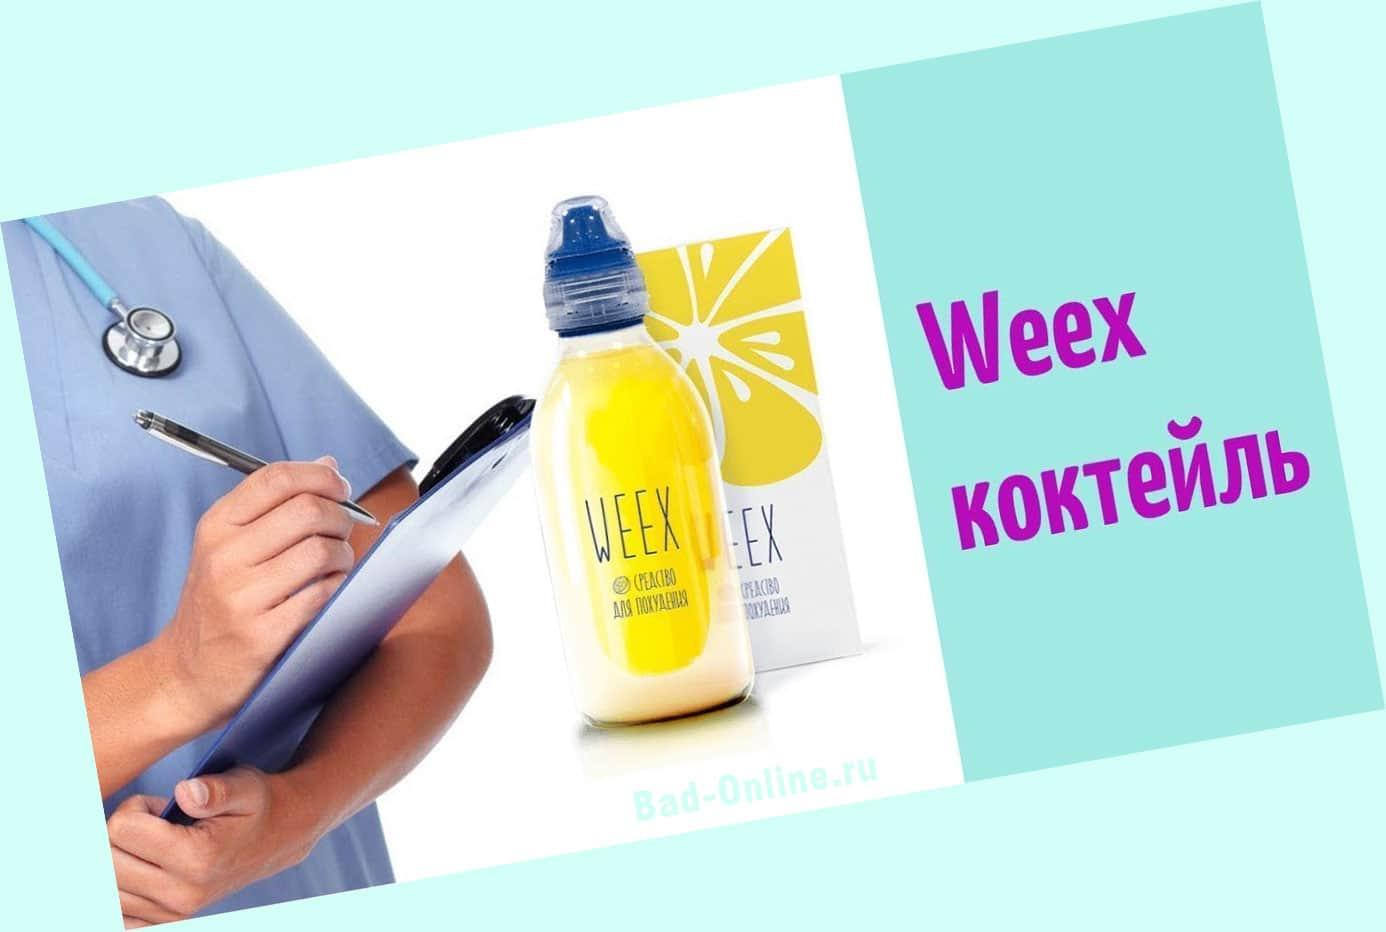 Сколько стоит полный курс применения Weex для снижения веса?